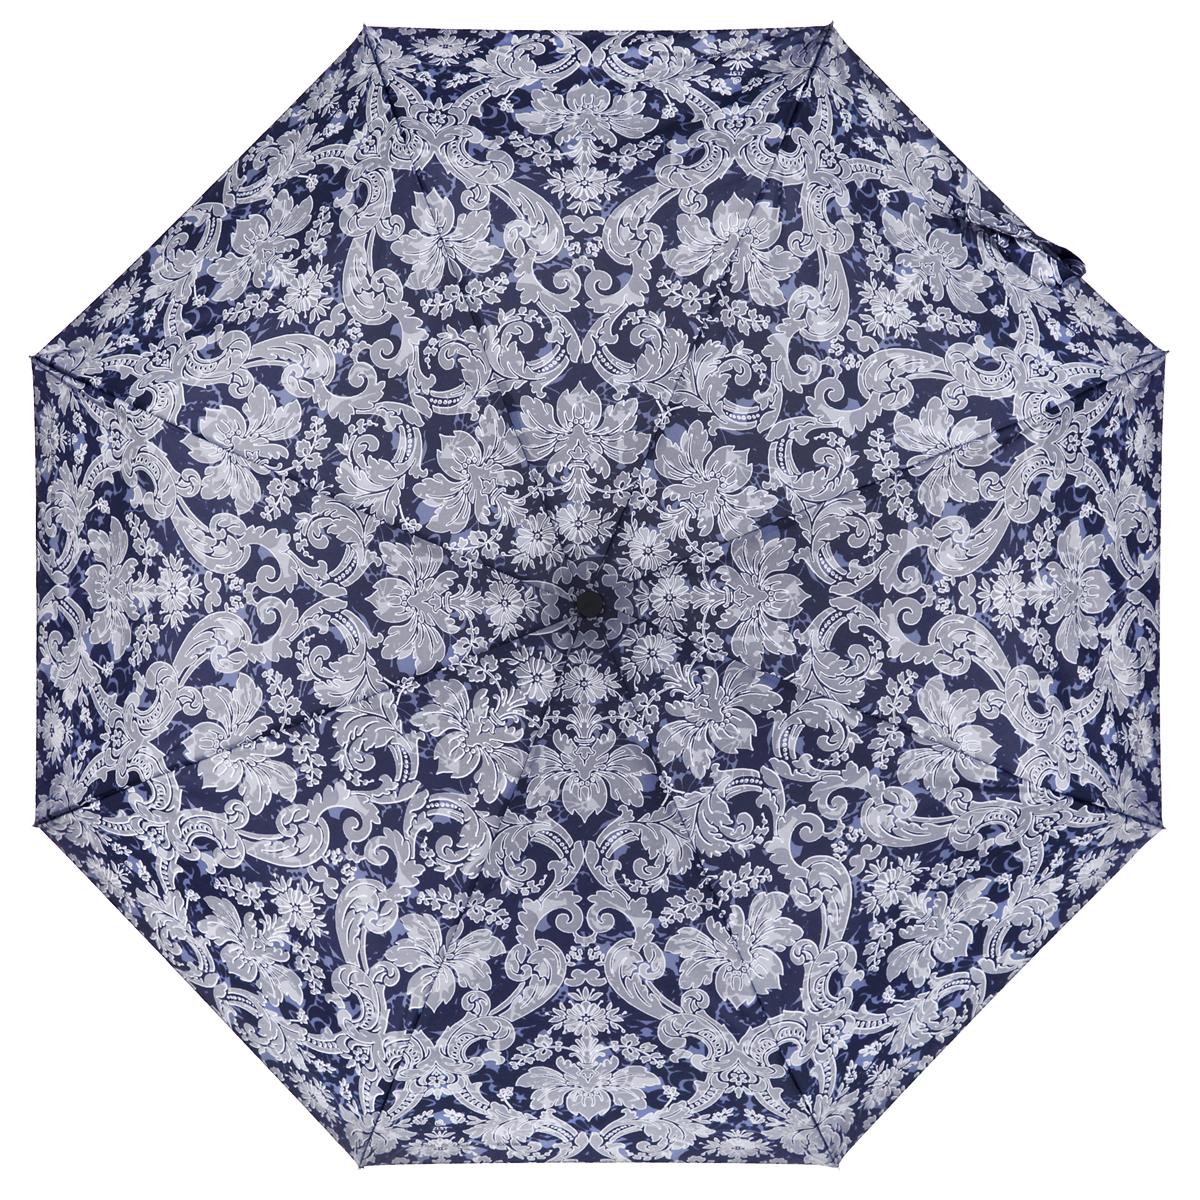 Зонт женский Zest, автомат, 4 сложения, цвет: темно-синий, светло-серый. 24756-128024756-1280Элегантный автоматический зонт Zest в 4 сложения изготовлен из высокопрочных материалов. Каркас зонта состоит из 8 спиц и прочного алюминиевого стержня. Специальная система Windproof защищает его от поломок во время сильных порывов ветра. Купол зонта выполнен из прочного полиэстера с водоотталкивающей пропиткой и оформлен орнаментом. Используемые высококачественные красители обеспечивают длительное сохранение свойств ткани купола. Рукоятка, разработанная с учетом требований эргономики, выполнена из пластика. Зонт имеет полный автоматический механизм сложения: купол открывается и закрывается нажатием кнопки на рукоятке, стержень складывается вручную до характерного щелчка. Благодаря этому открыть и закрыть зонт можно одной рукой, что чрезвычайно удобно при входе в транспорт или помещение. Небольшой шнурок, расположенный на рукоятке, позволяет надеть изделие на руку при необходимости. Модель закрывается при помощи хлястика на застежку-липучку. К зонту прилагается чехол. ...